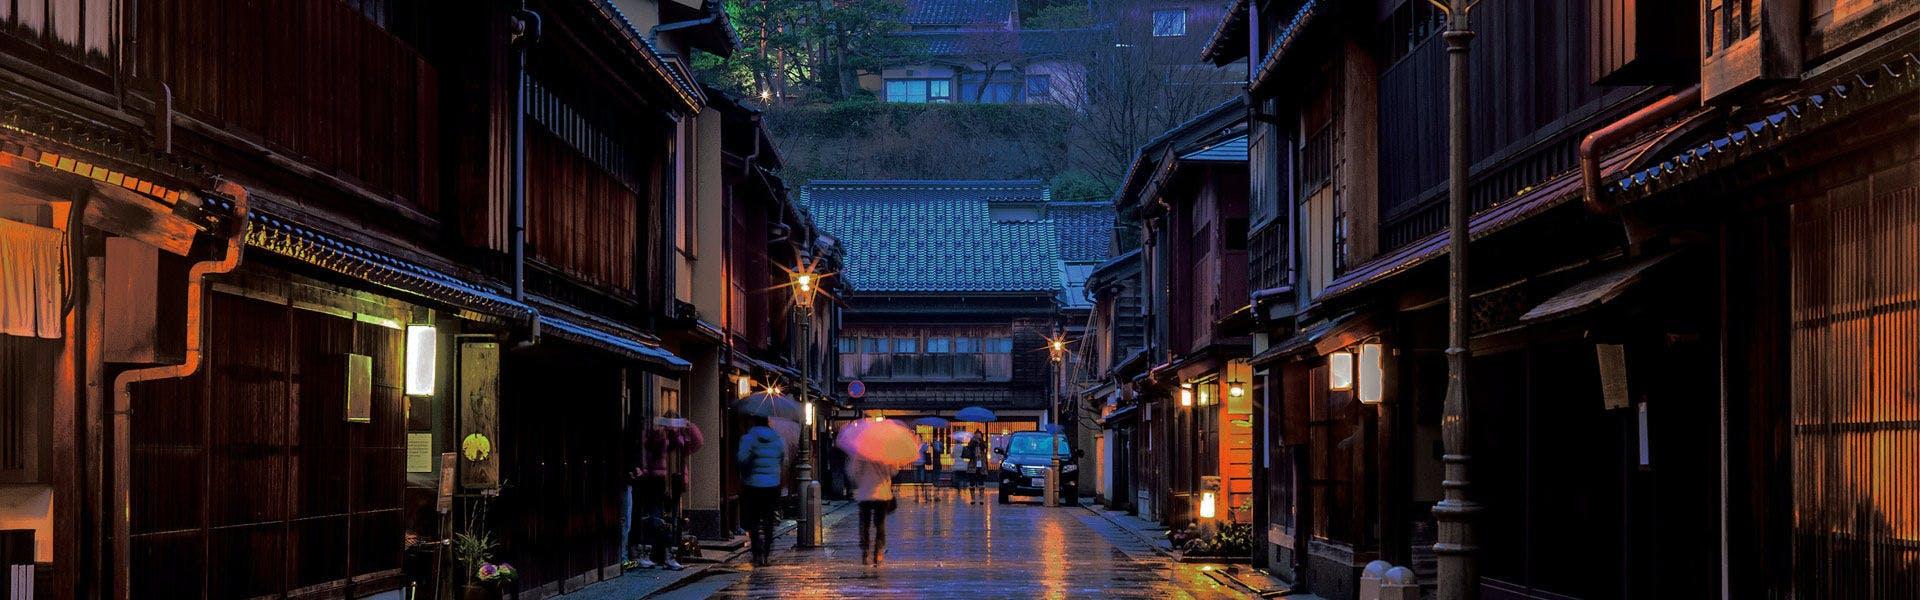 記念日におすすめのホテル・【雨庵 金沢】の写真1